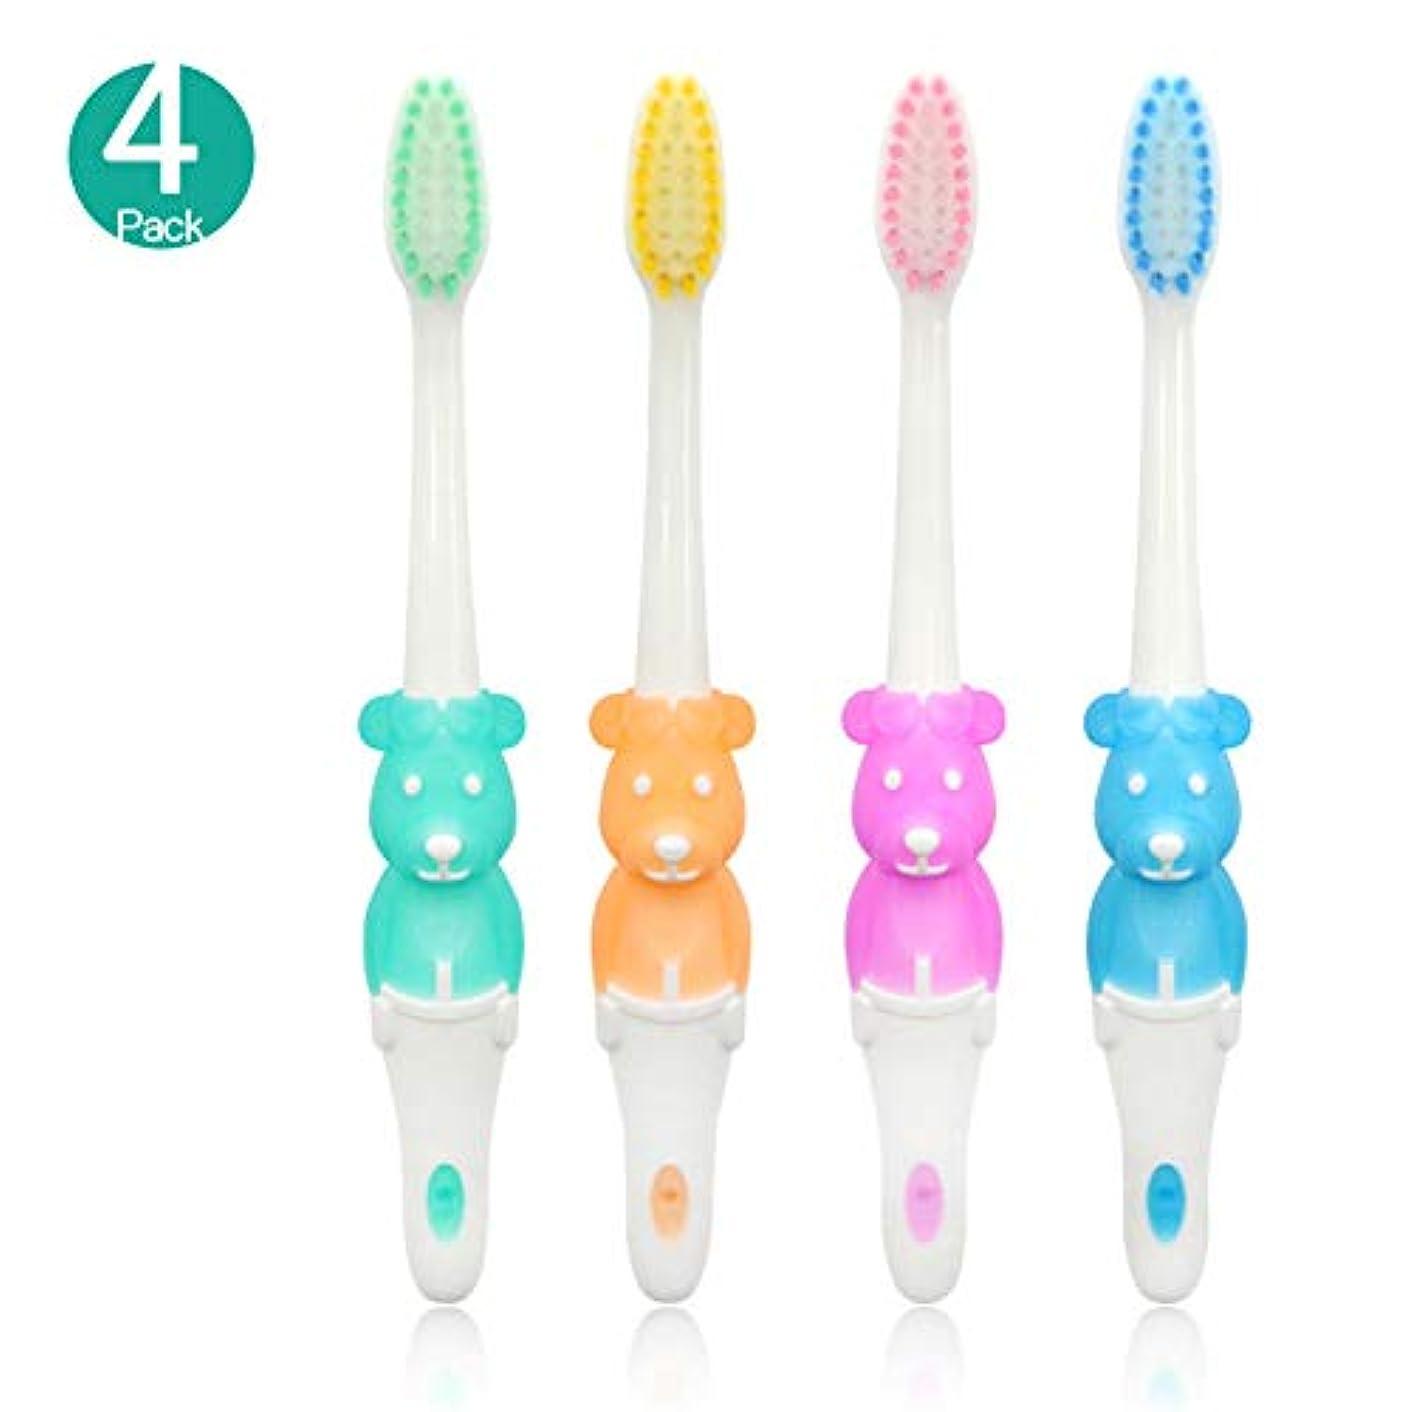 感謝する付き添い人エンジニアリングDavine 4個の漫画の赤ちゃんの歯ブラシ独立したカラーボックス4色混合ソフトヘア歯ブラシ